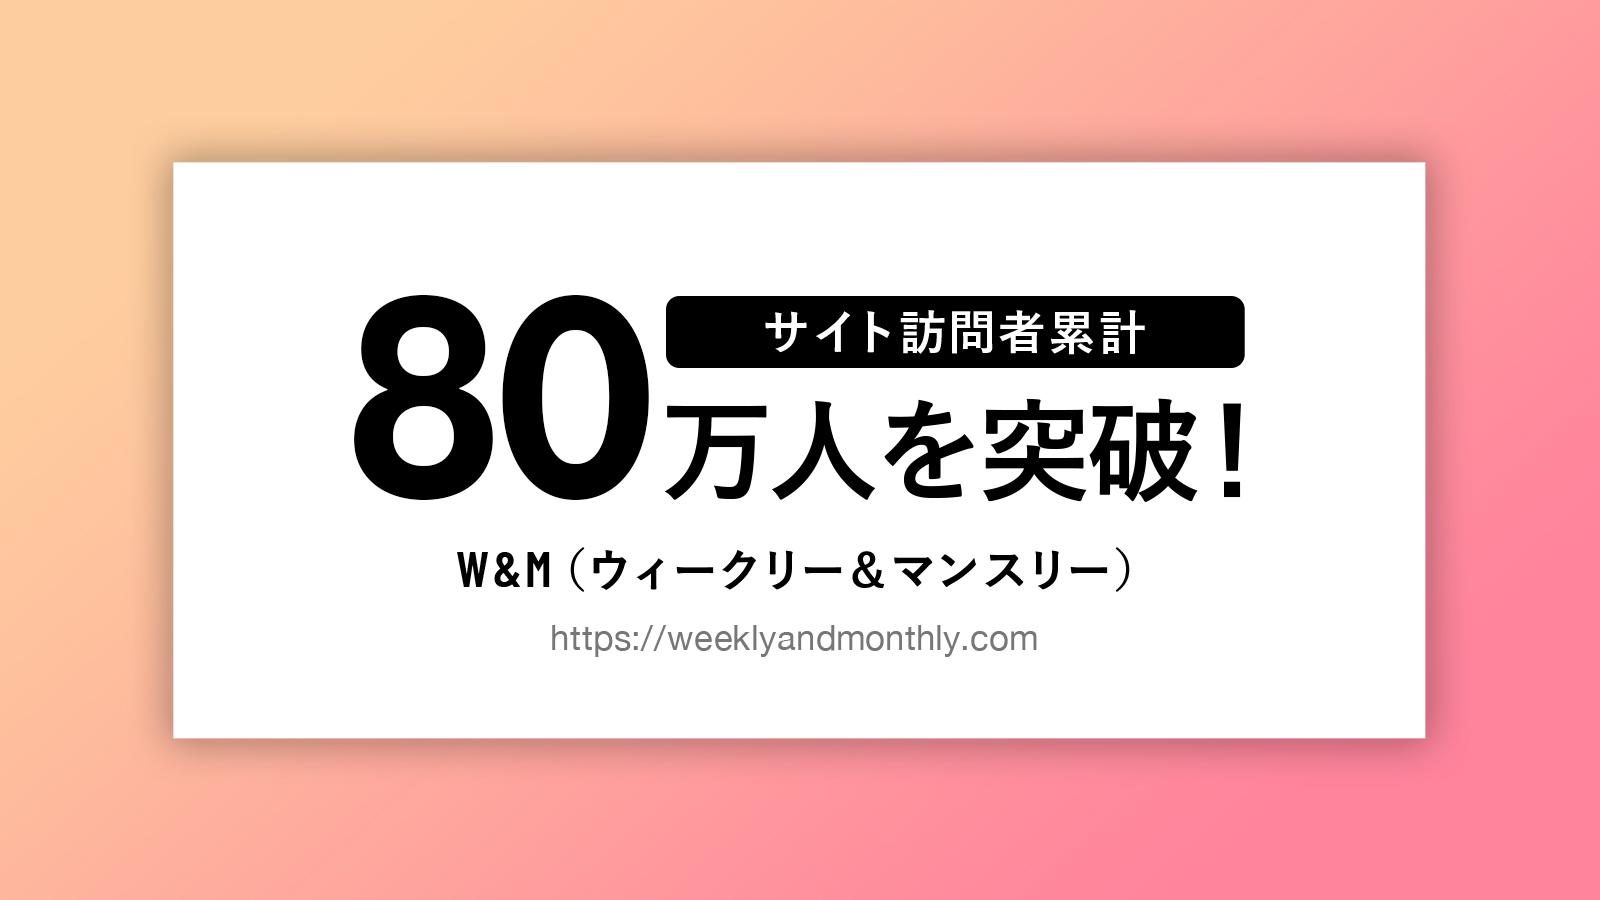 【PR】W&M(ウィークリー &マンスリー) サイト訪問者累計80万人を突破!